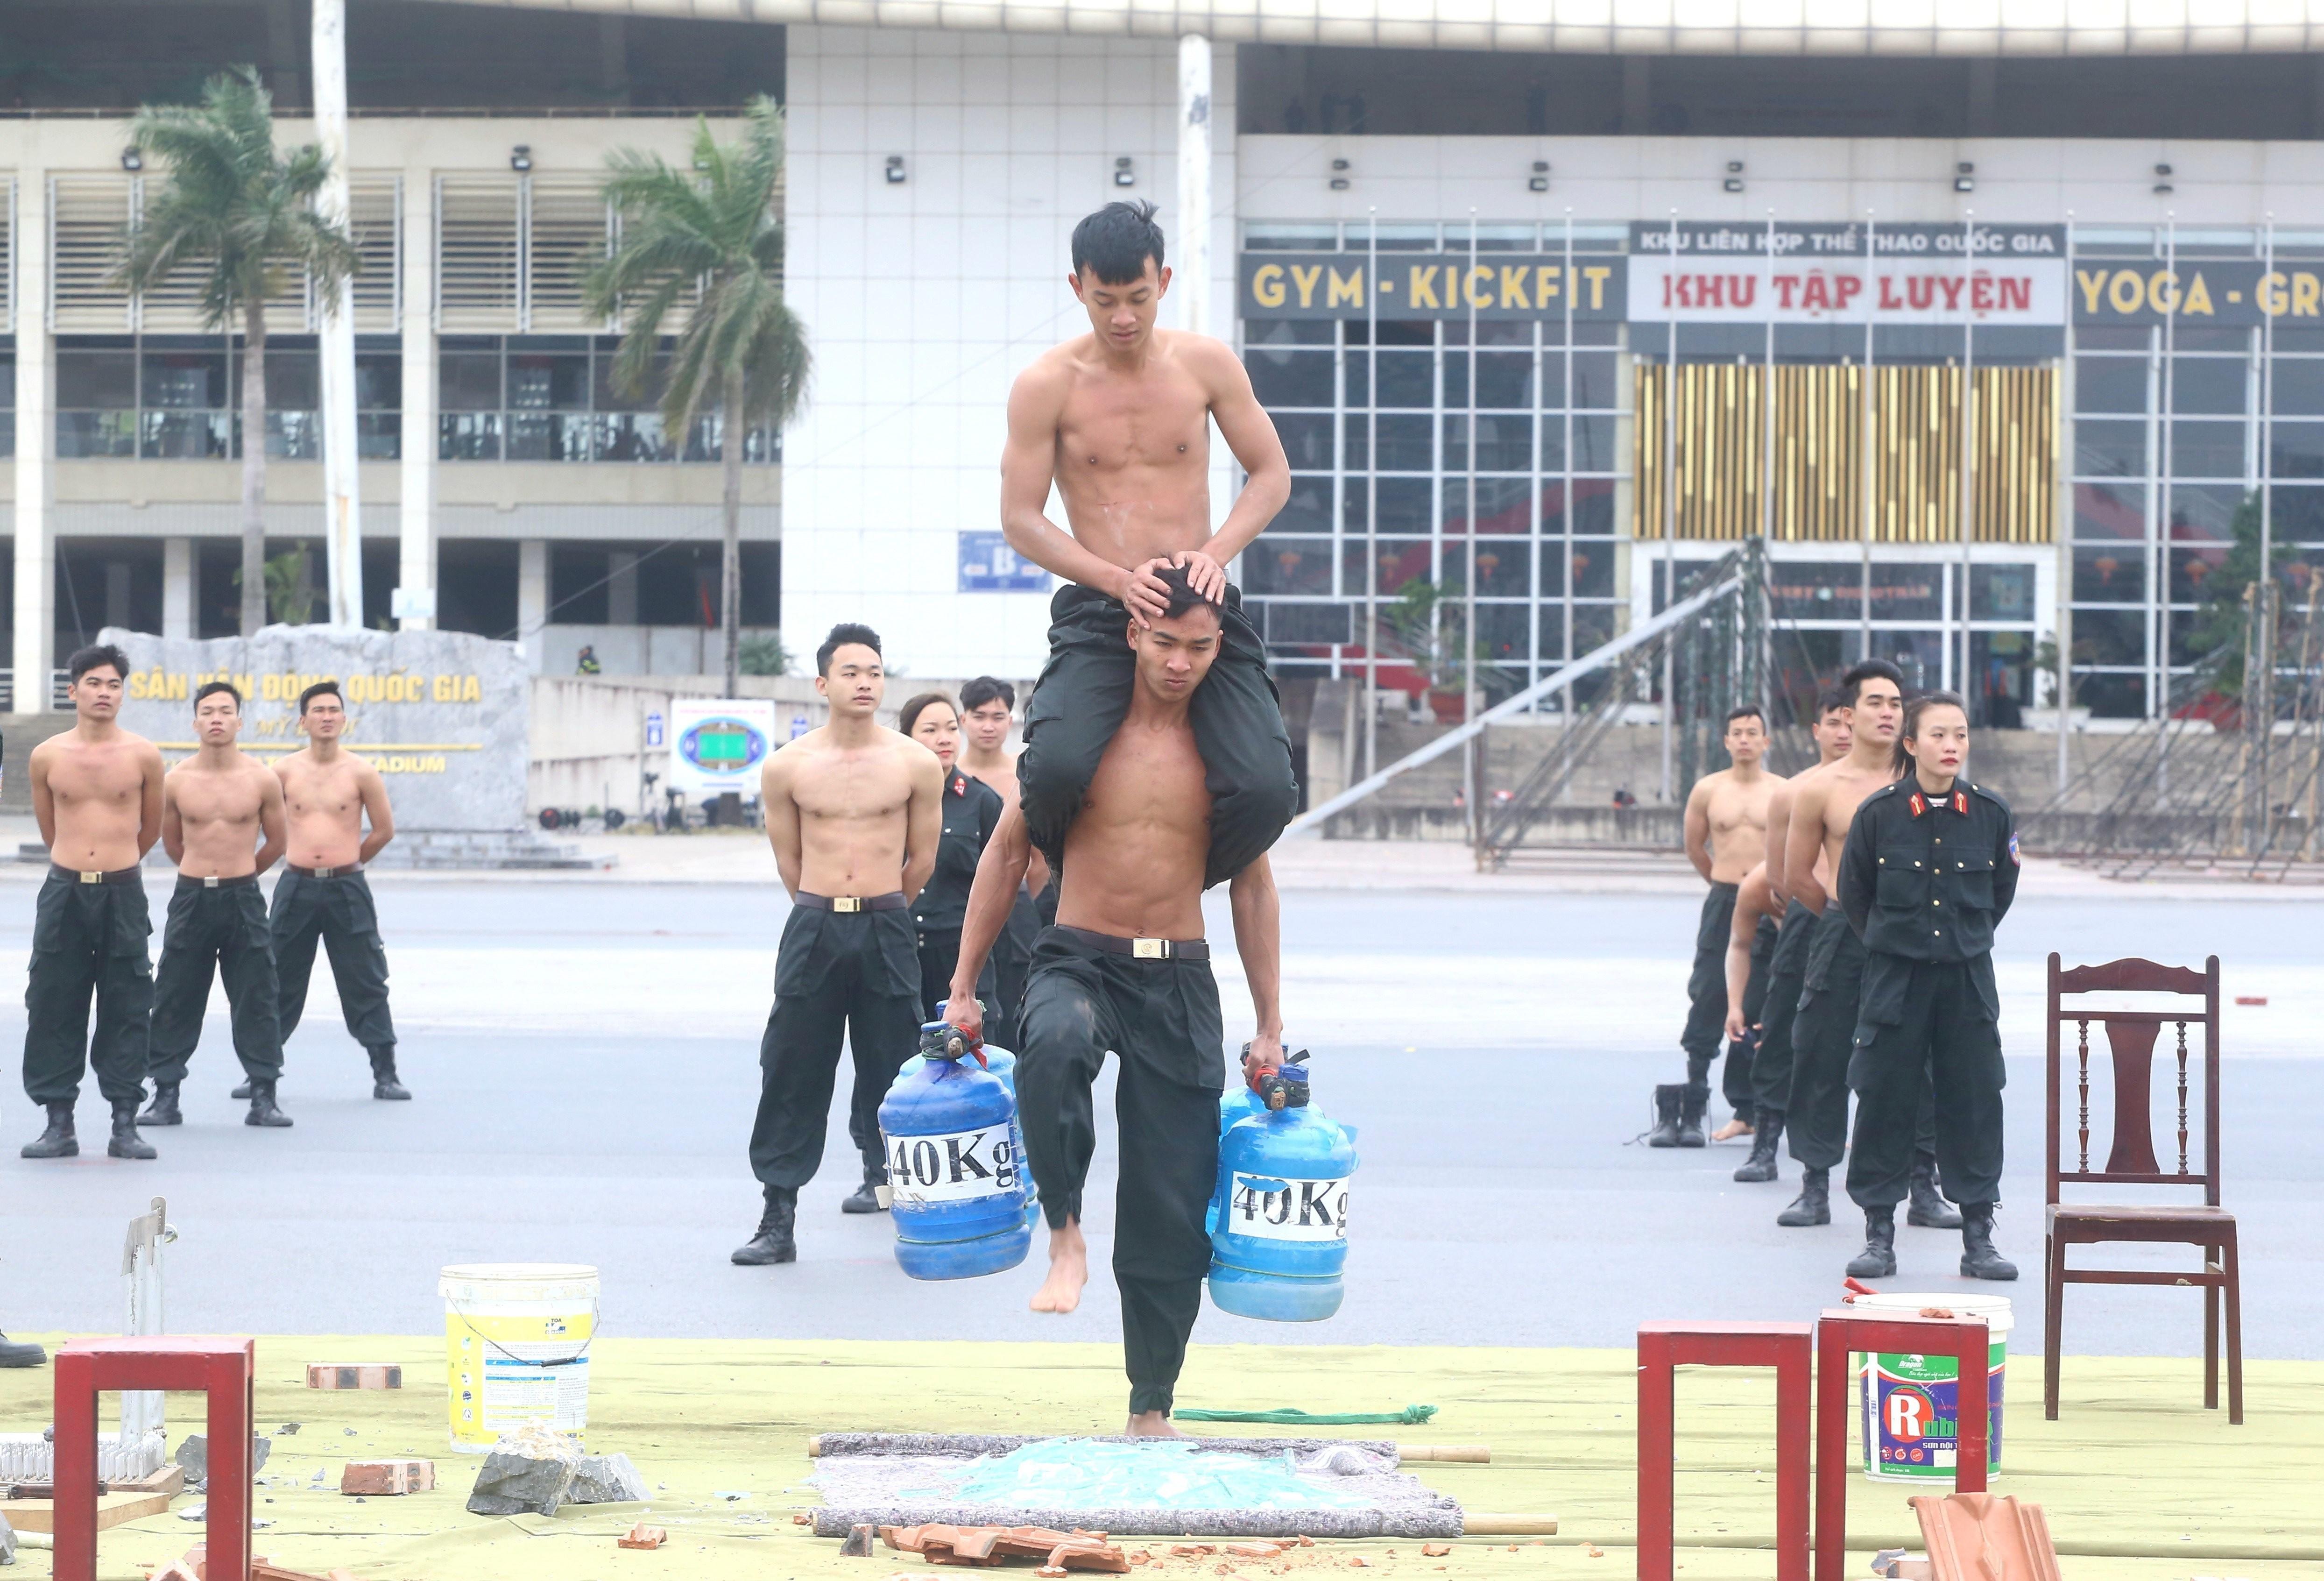 Tong duyet Le xuat quan va dien tap phuong an bao ve Dai hoi Dang hinh anh 3